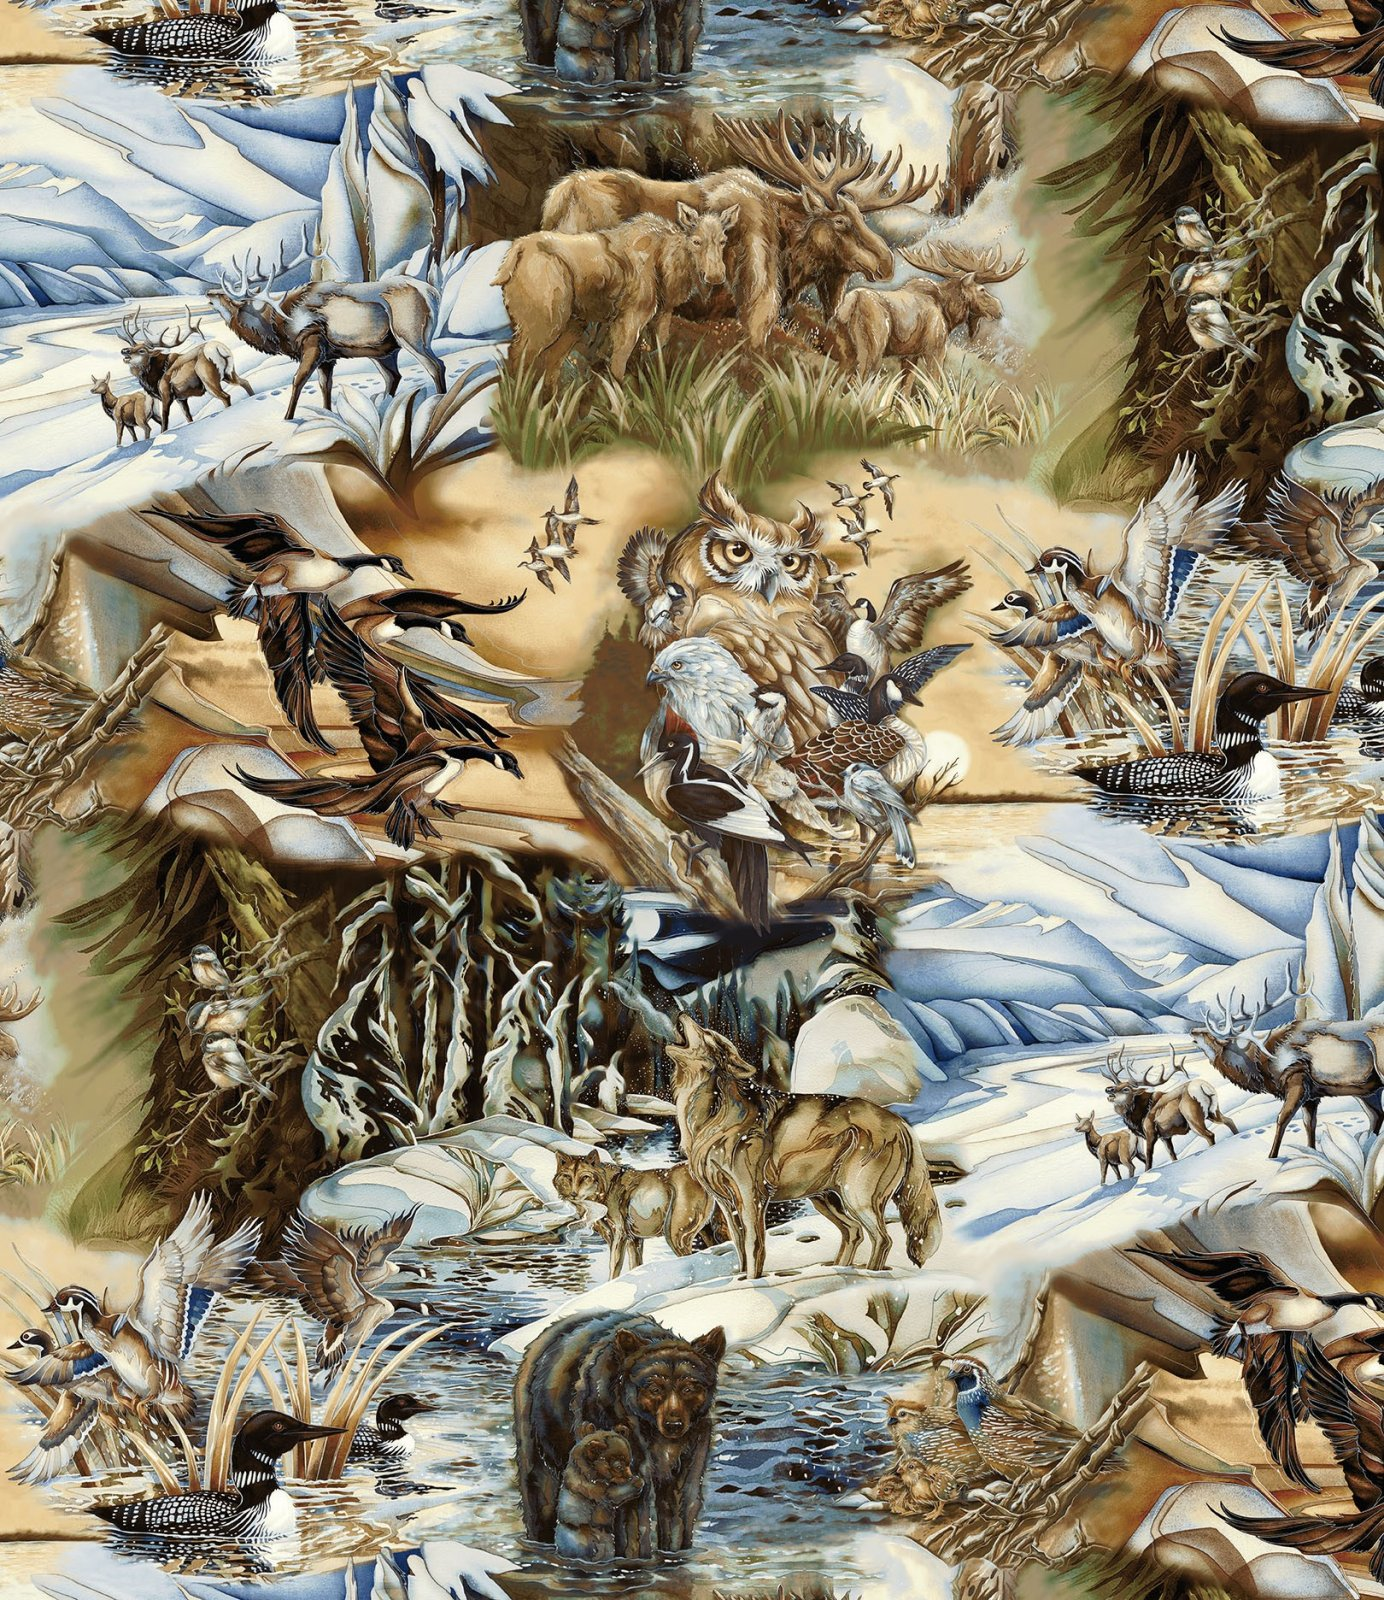 Alaska's Wild Kingdom Feature Print K 14495-268